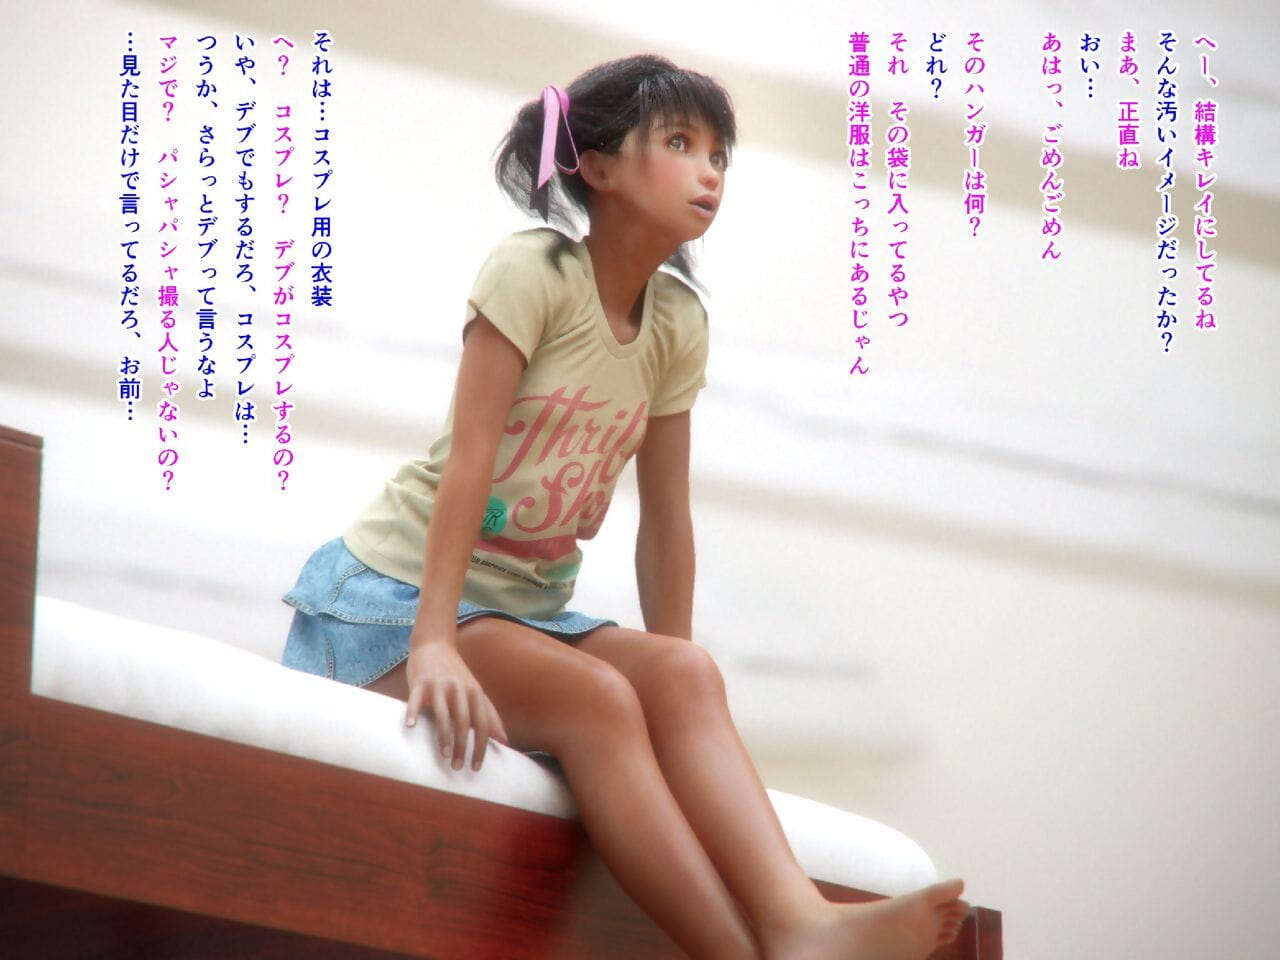 Sanma Kizoku Kuroneko ~Hiyakeato hardly ever Nokoru Mei ni Neko Cos Sasete- Untara Kantara~